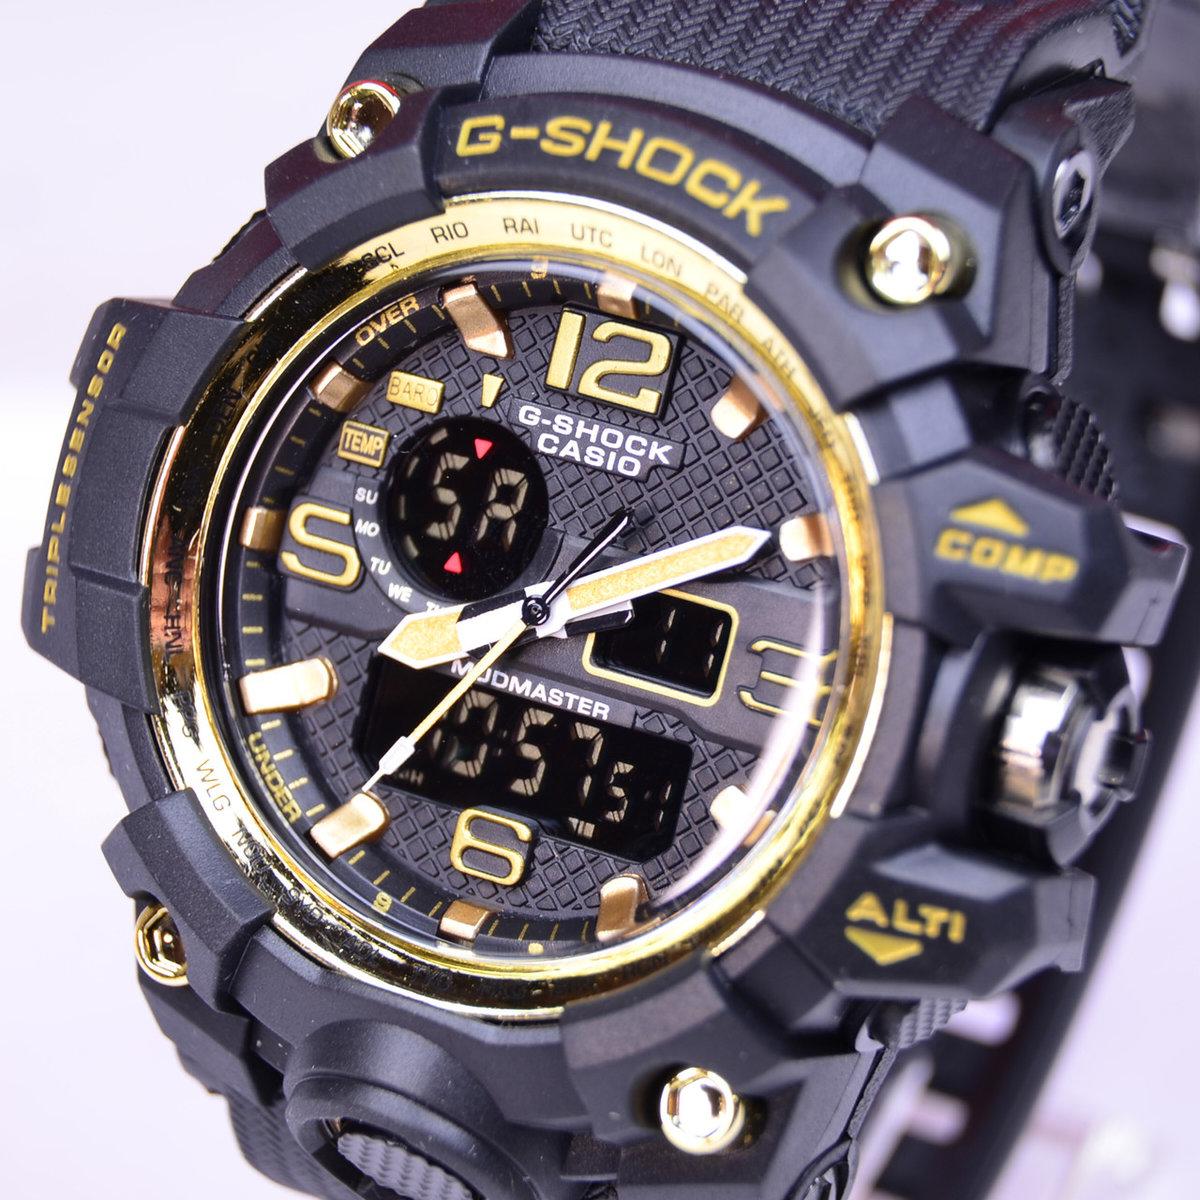 Shock-store - магазин оригинальных наручных часов casio по самым выгодным ценам.